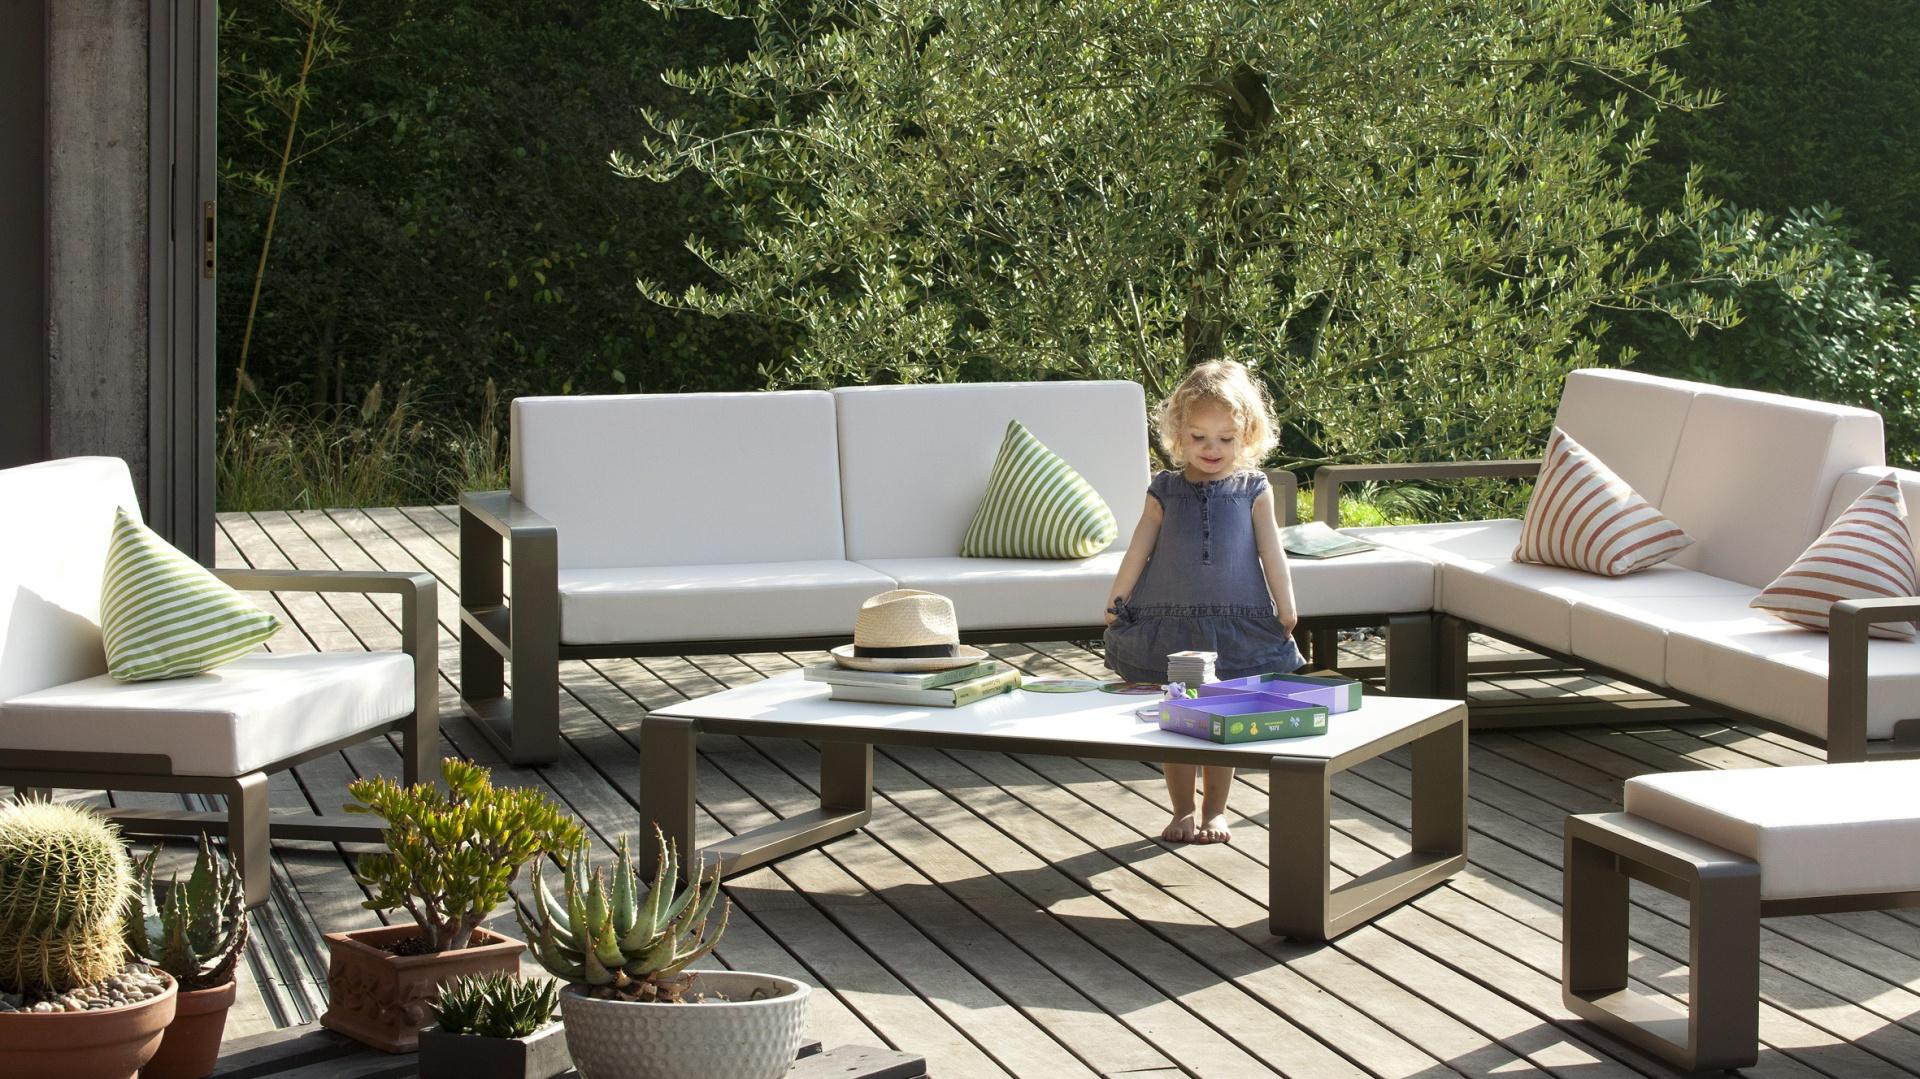 Kolekcja mebli wypoczynkowych Kama marki Ego Paris. Stylowe ramy mebli uzupełniają piękne jasne poduszki o nowoczesnych kształtach. Fot. Ego Paris.